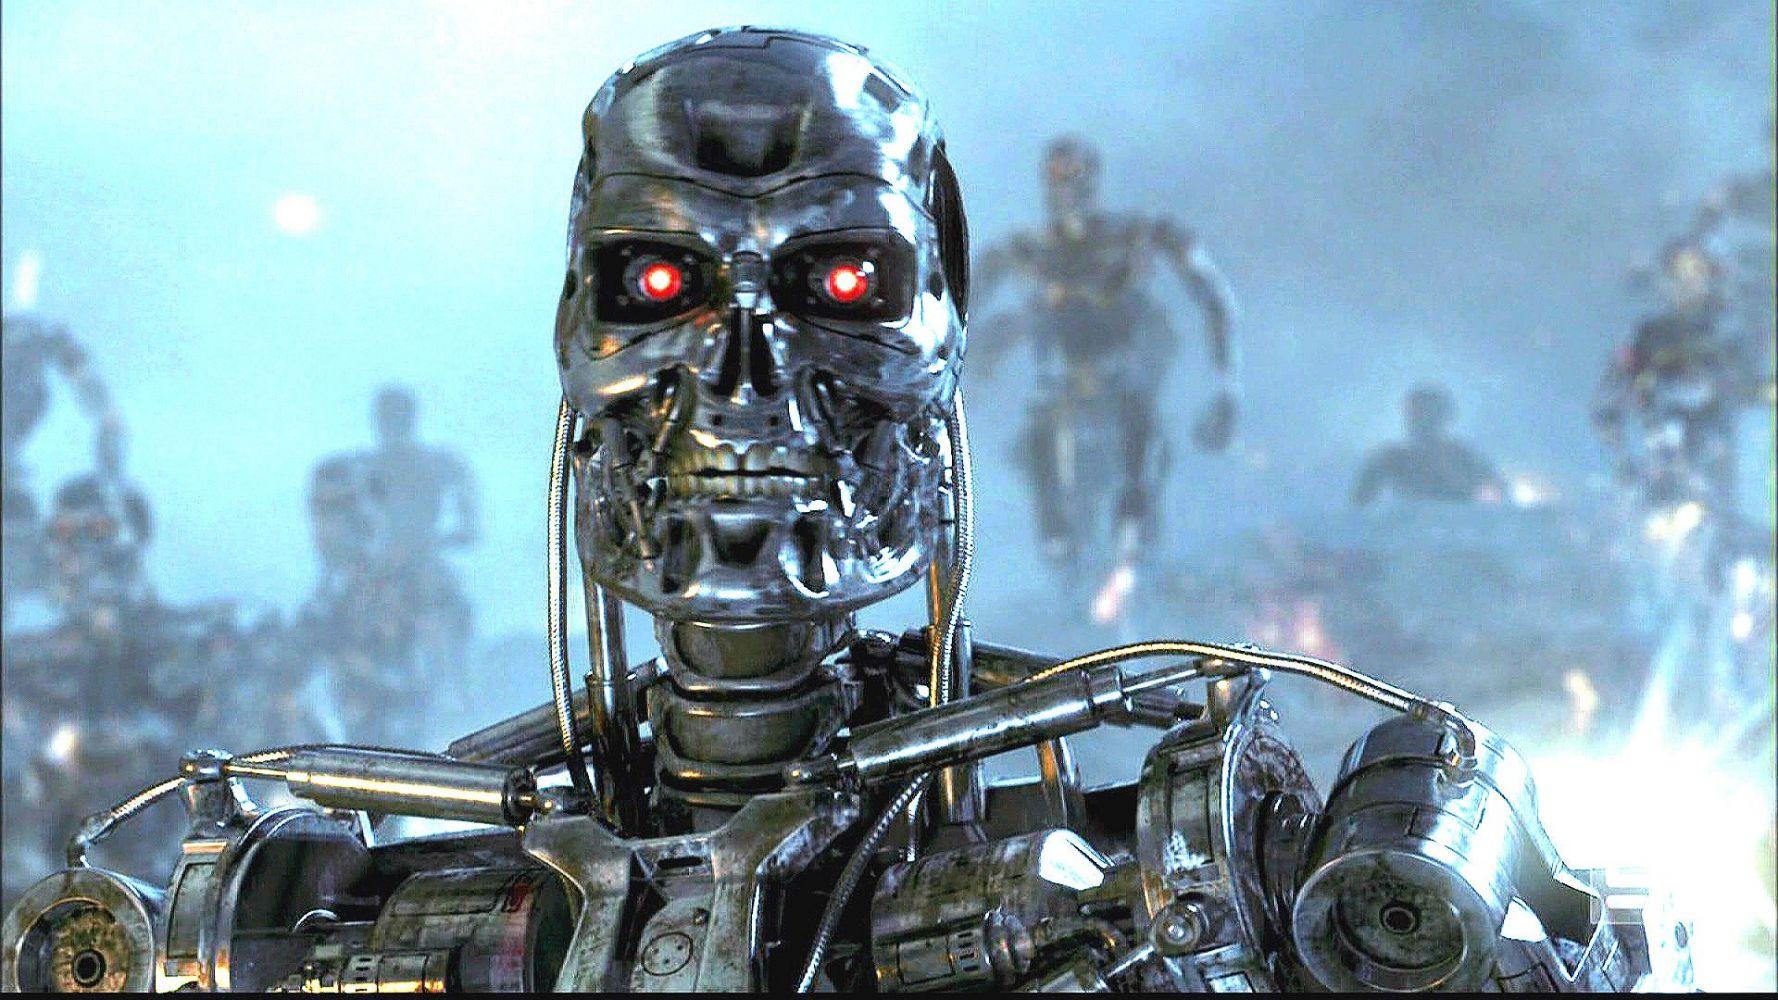 терминатор фото всех роботов улыбка позиционируется красотой